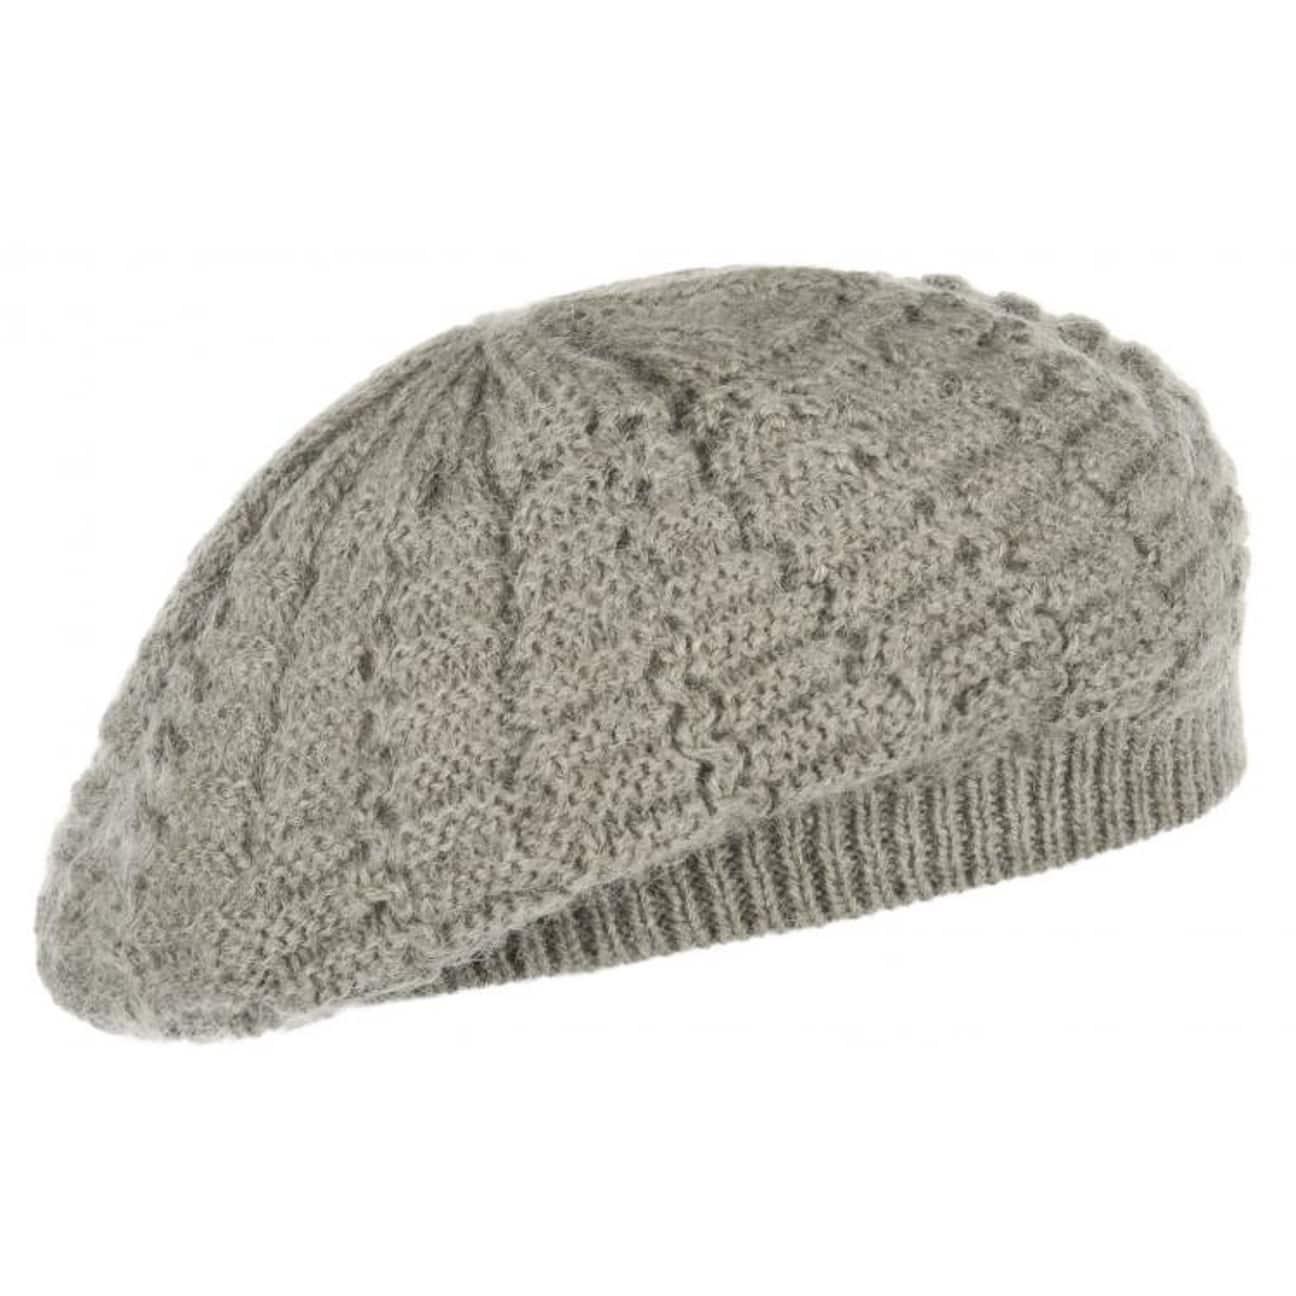 Mohair Beret Knitting Pattern : Lulea Mohair Knit Beret, EUR 14,95 --> Hats, caps & beanies shop onlin...